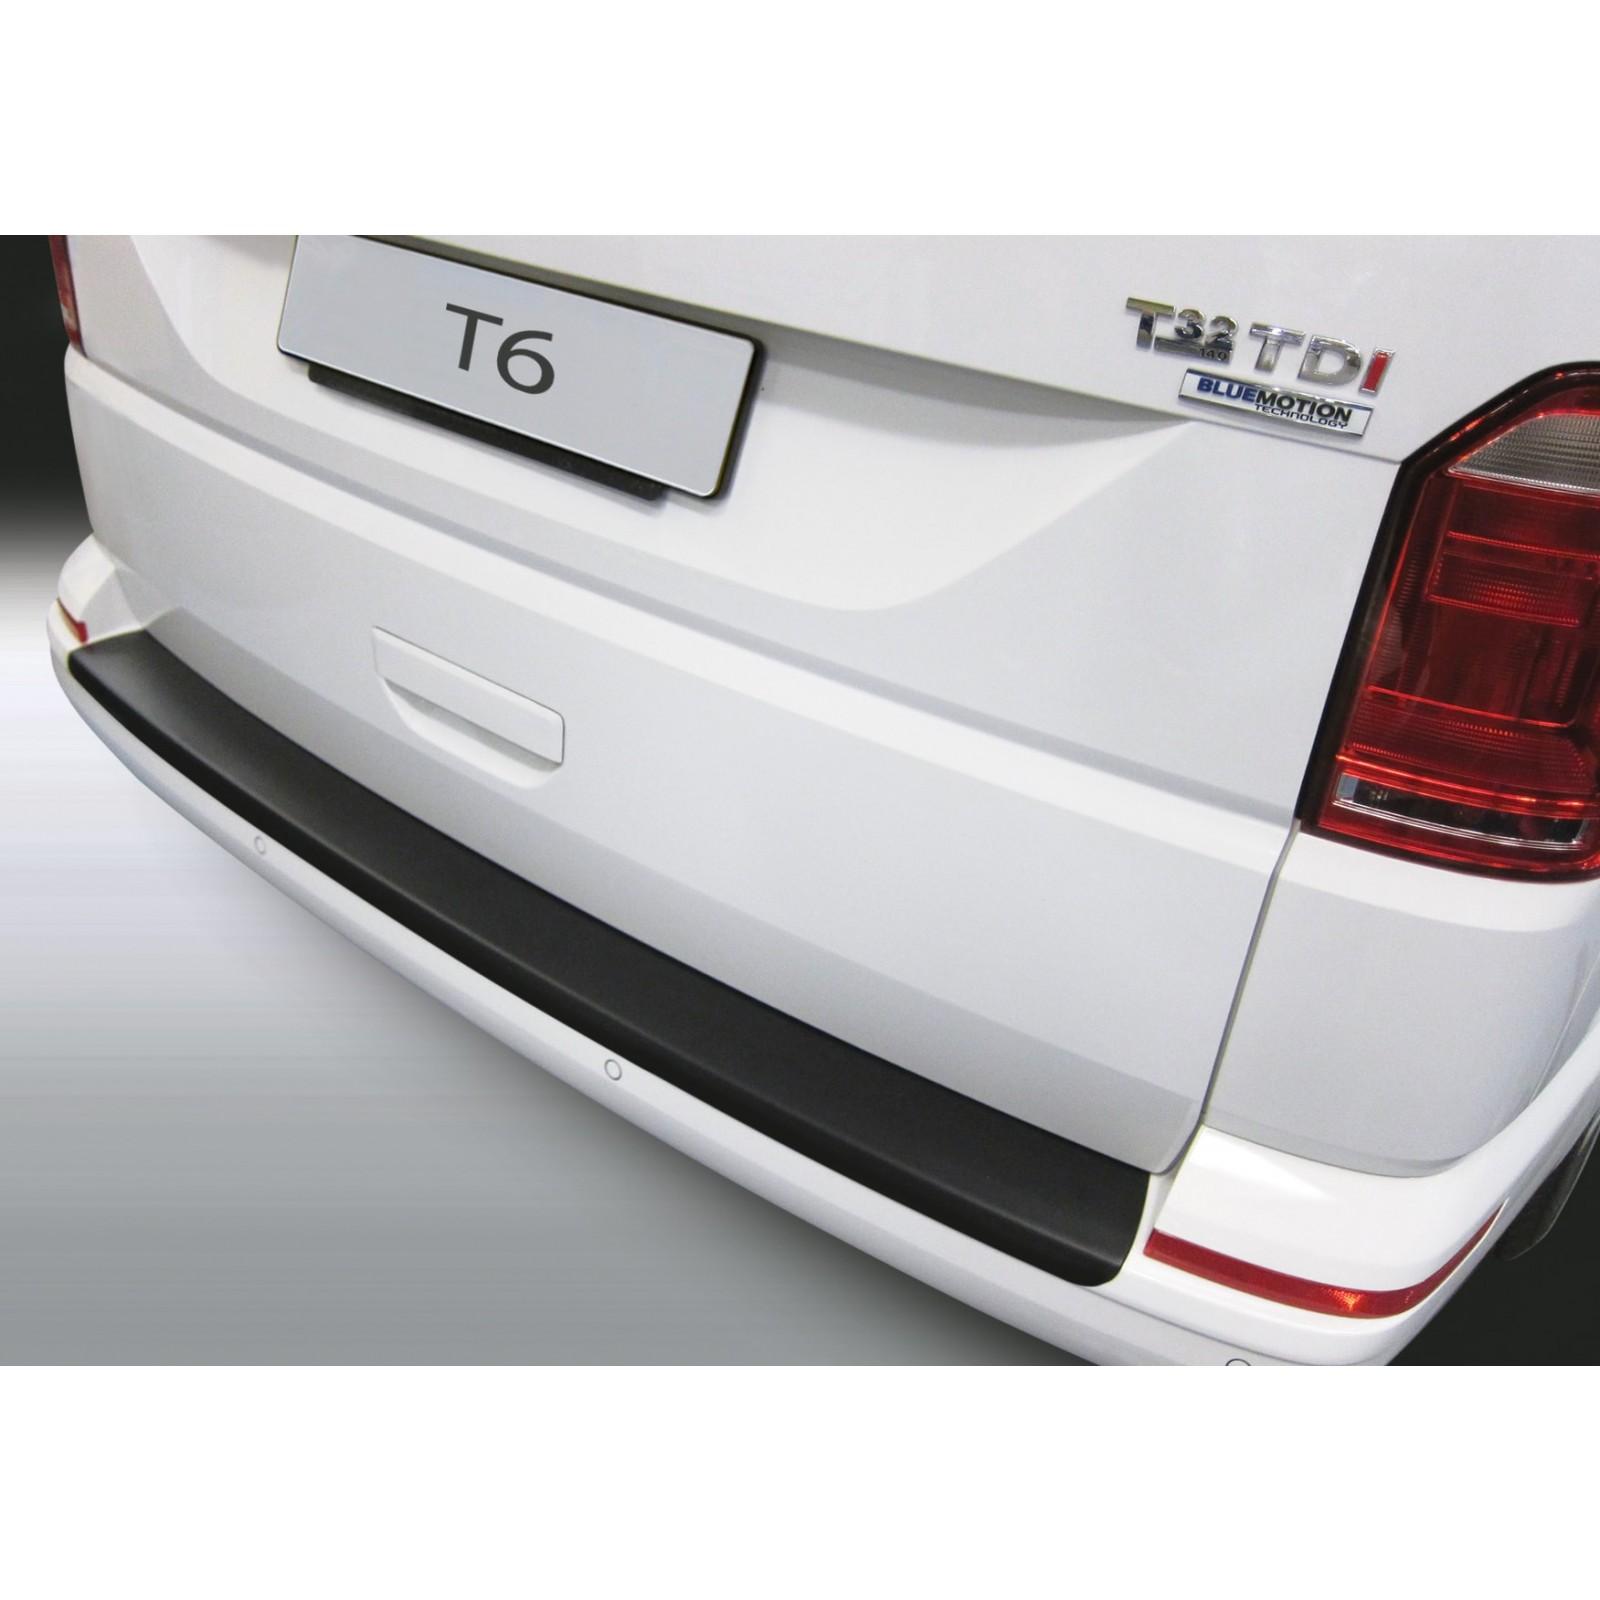 Protection De Pare Chocs Volkswagen T6 Caravelle Combi Multivan